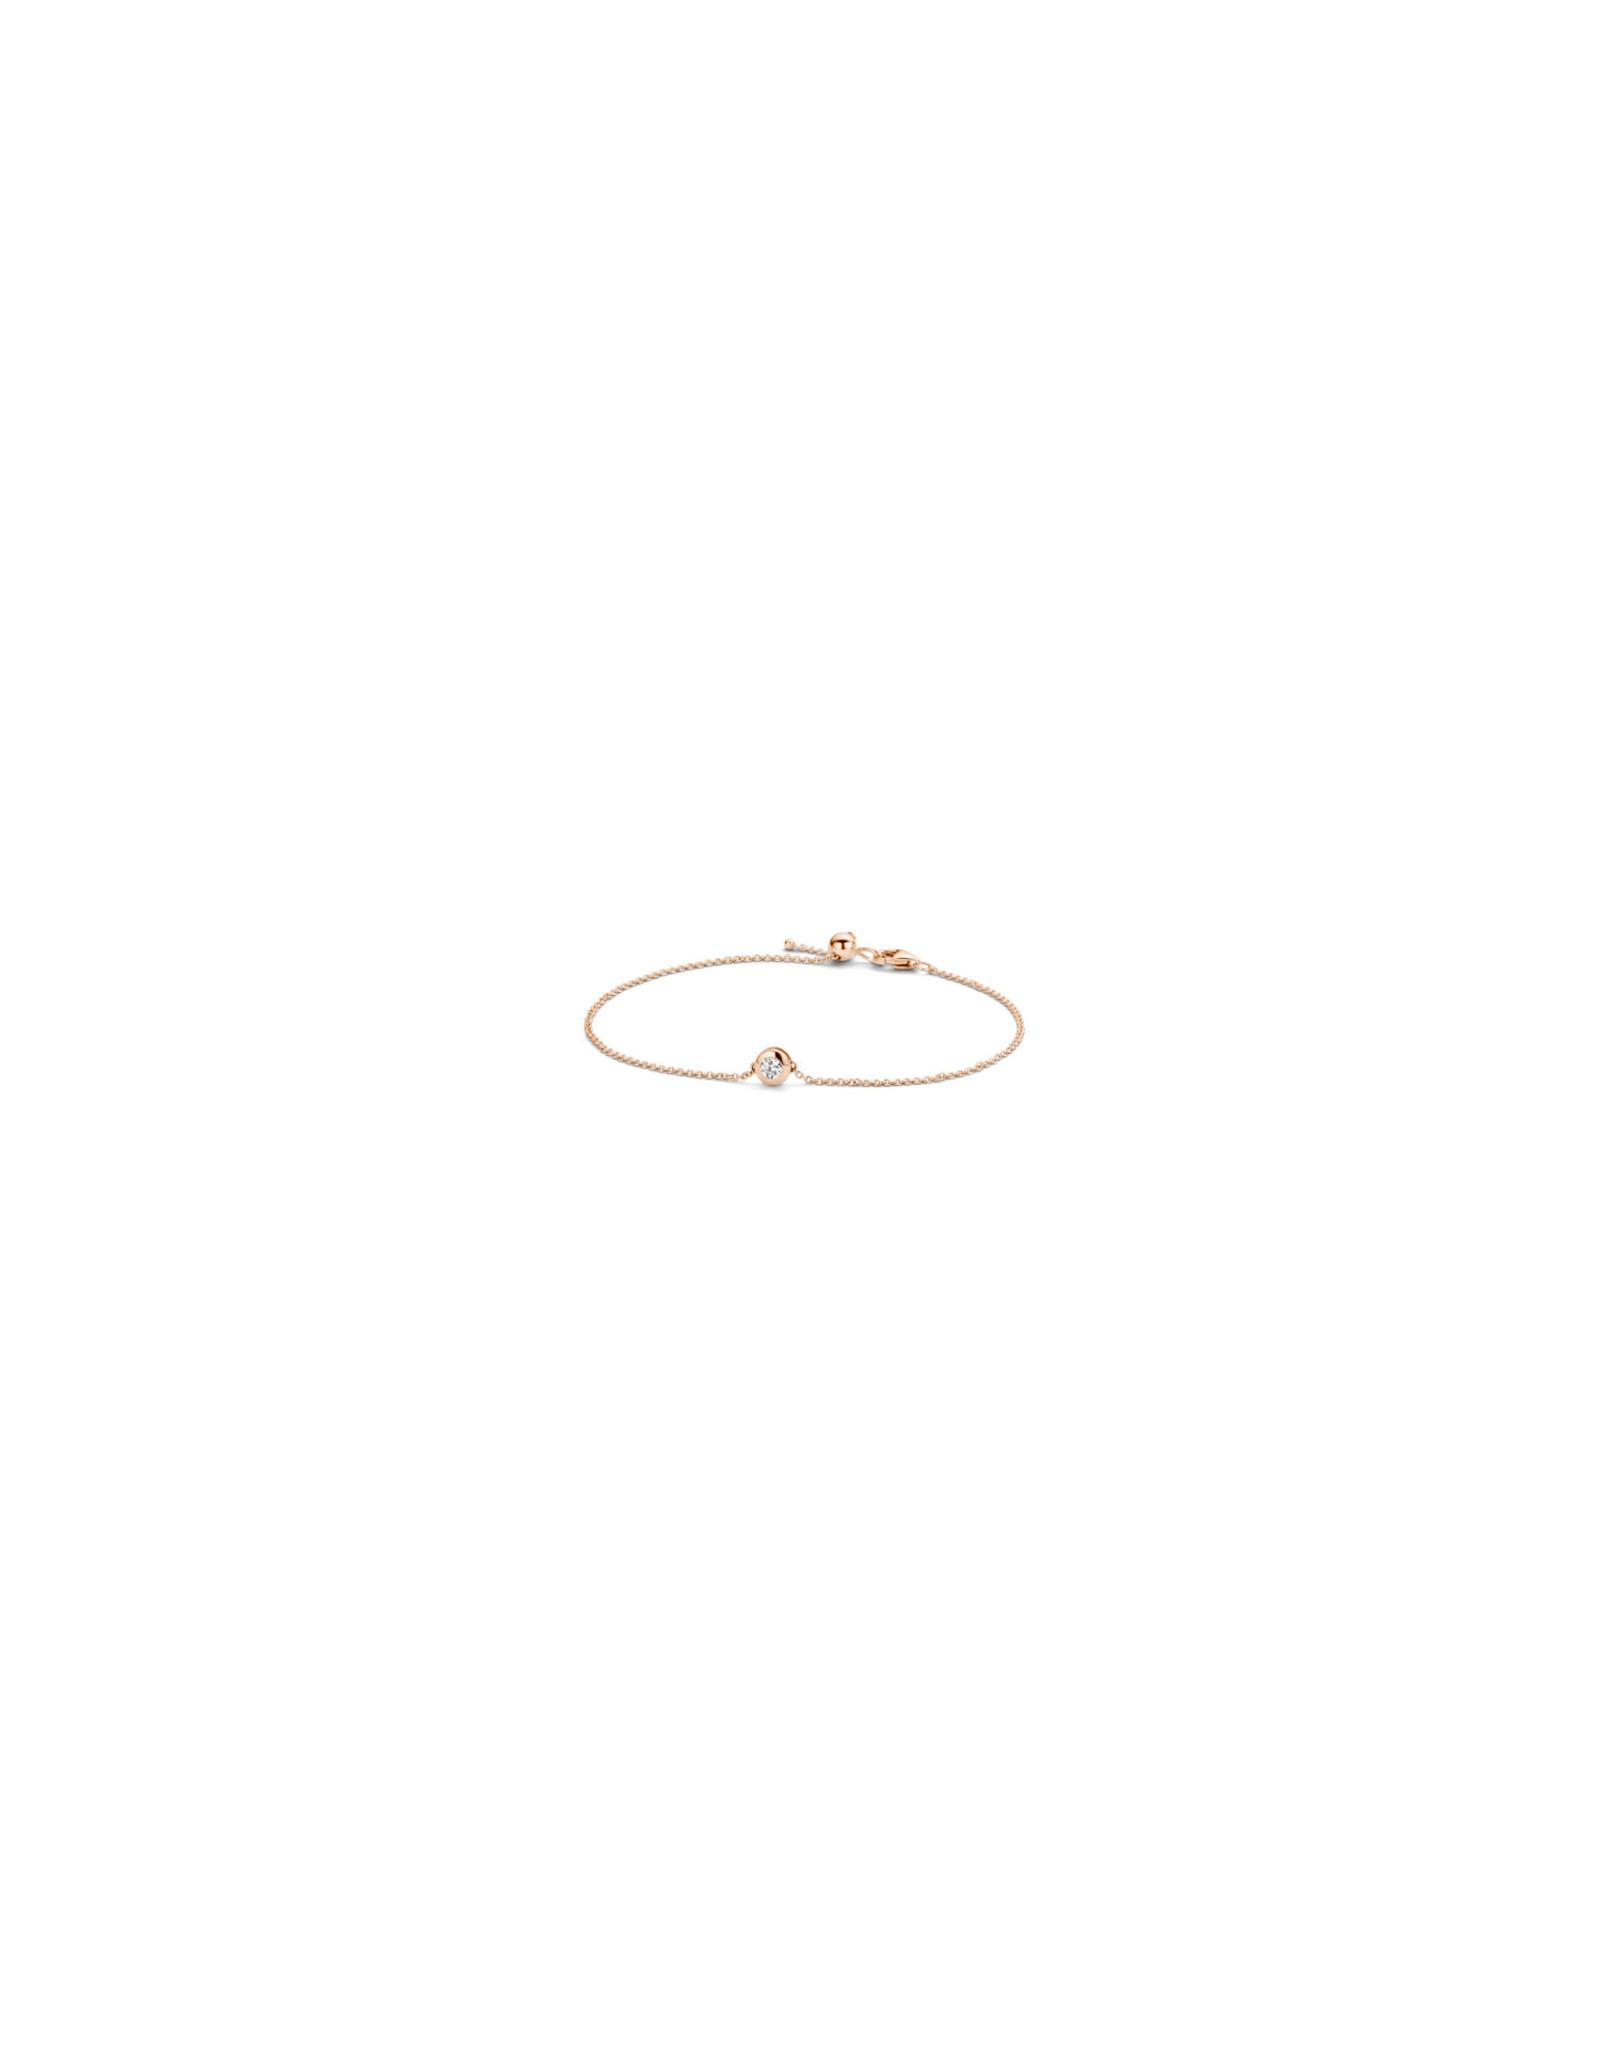 Blush Armband Roos Goud 14kt 2167RZI Zirkonium